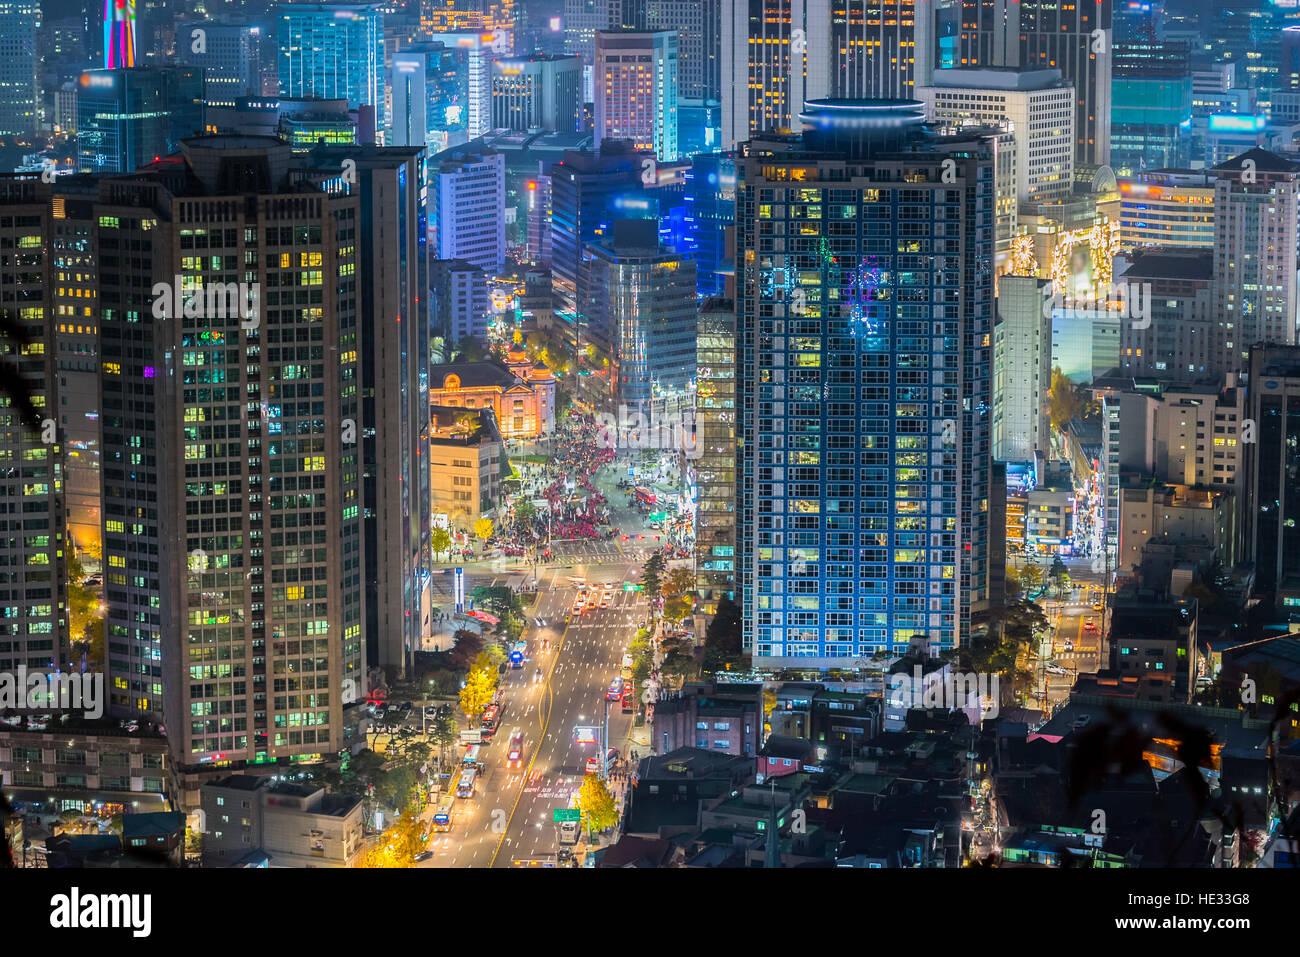 Corea, en Seúl, Corea del Sur en la noche del horizonte de la ciudad. Imagen De Stock